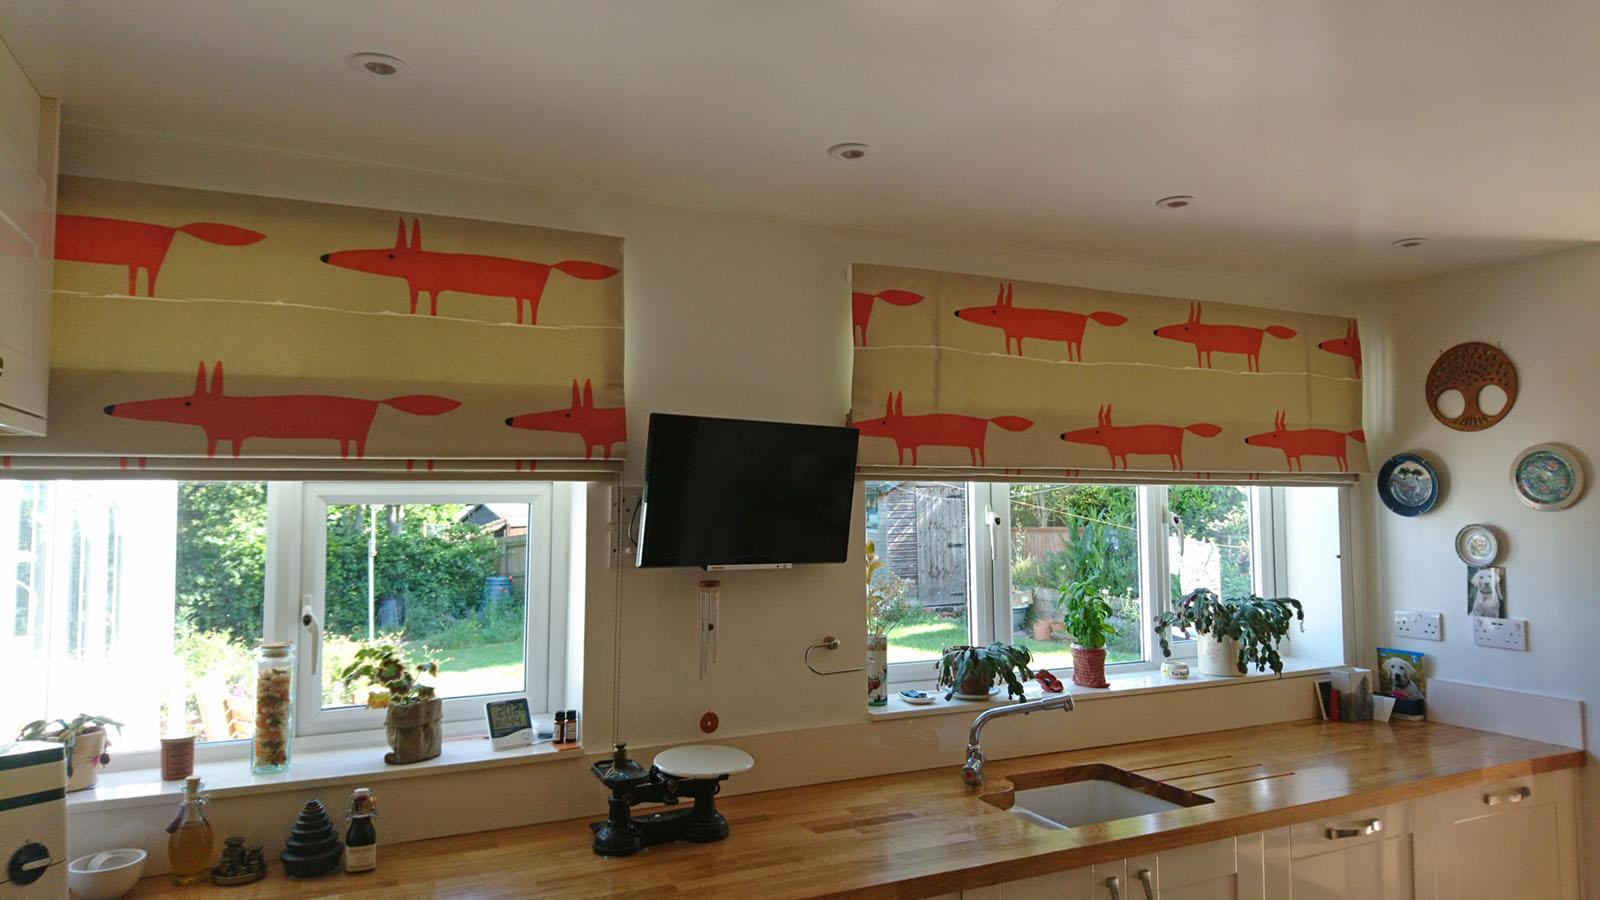 Fox roman blinds